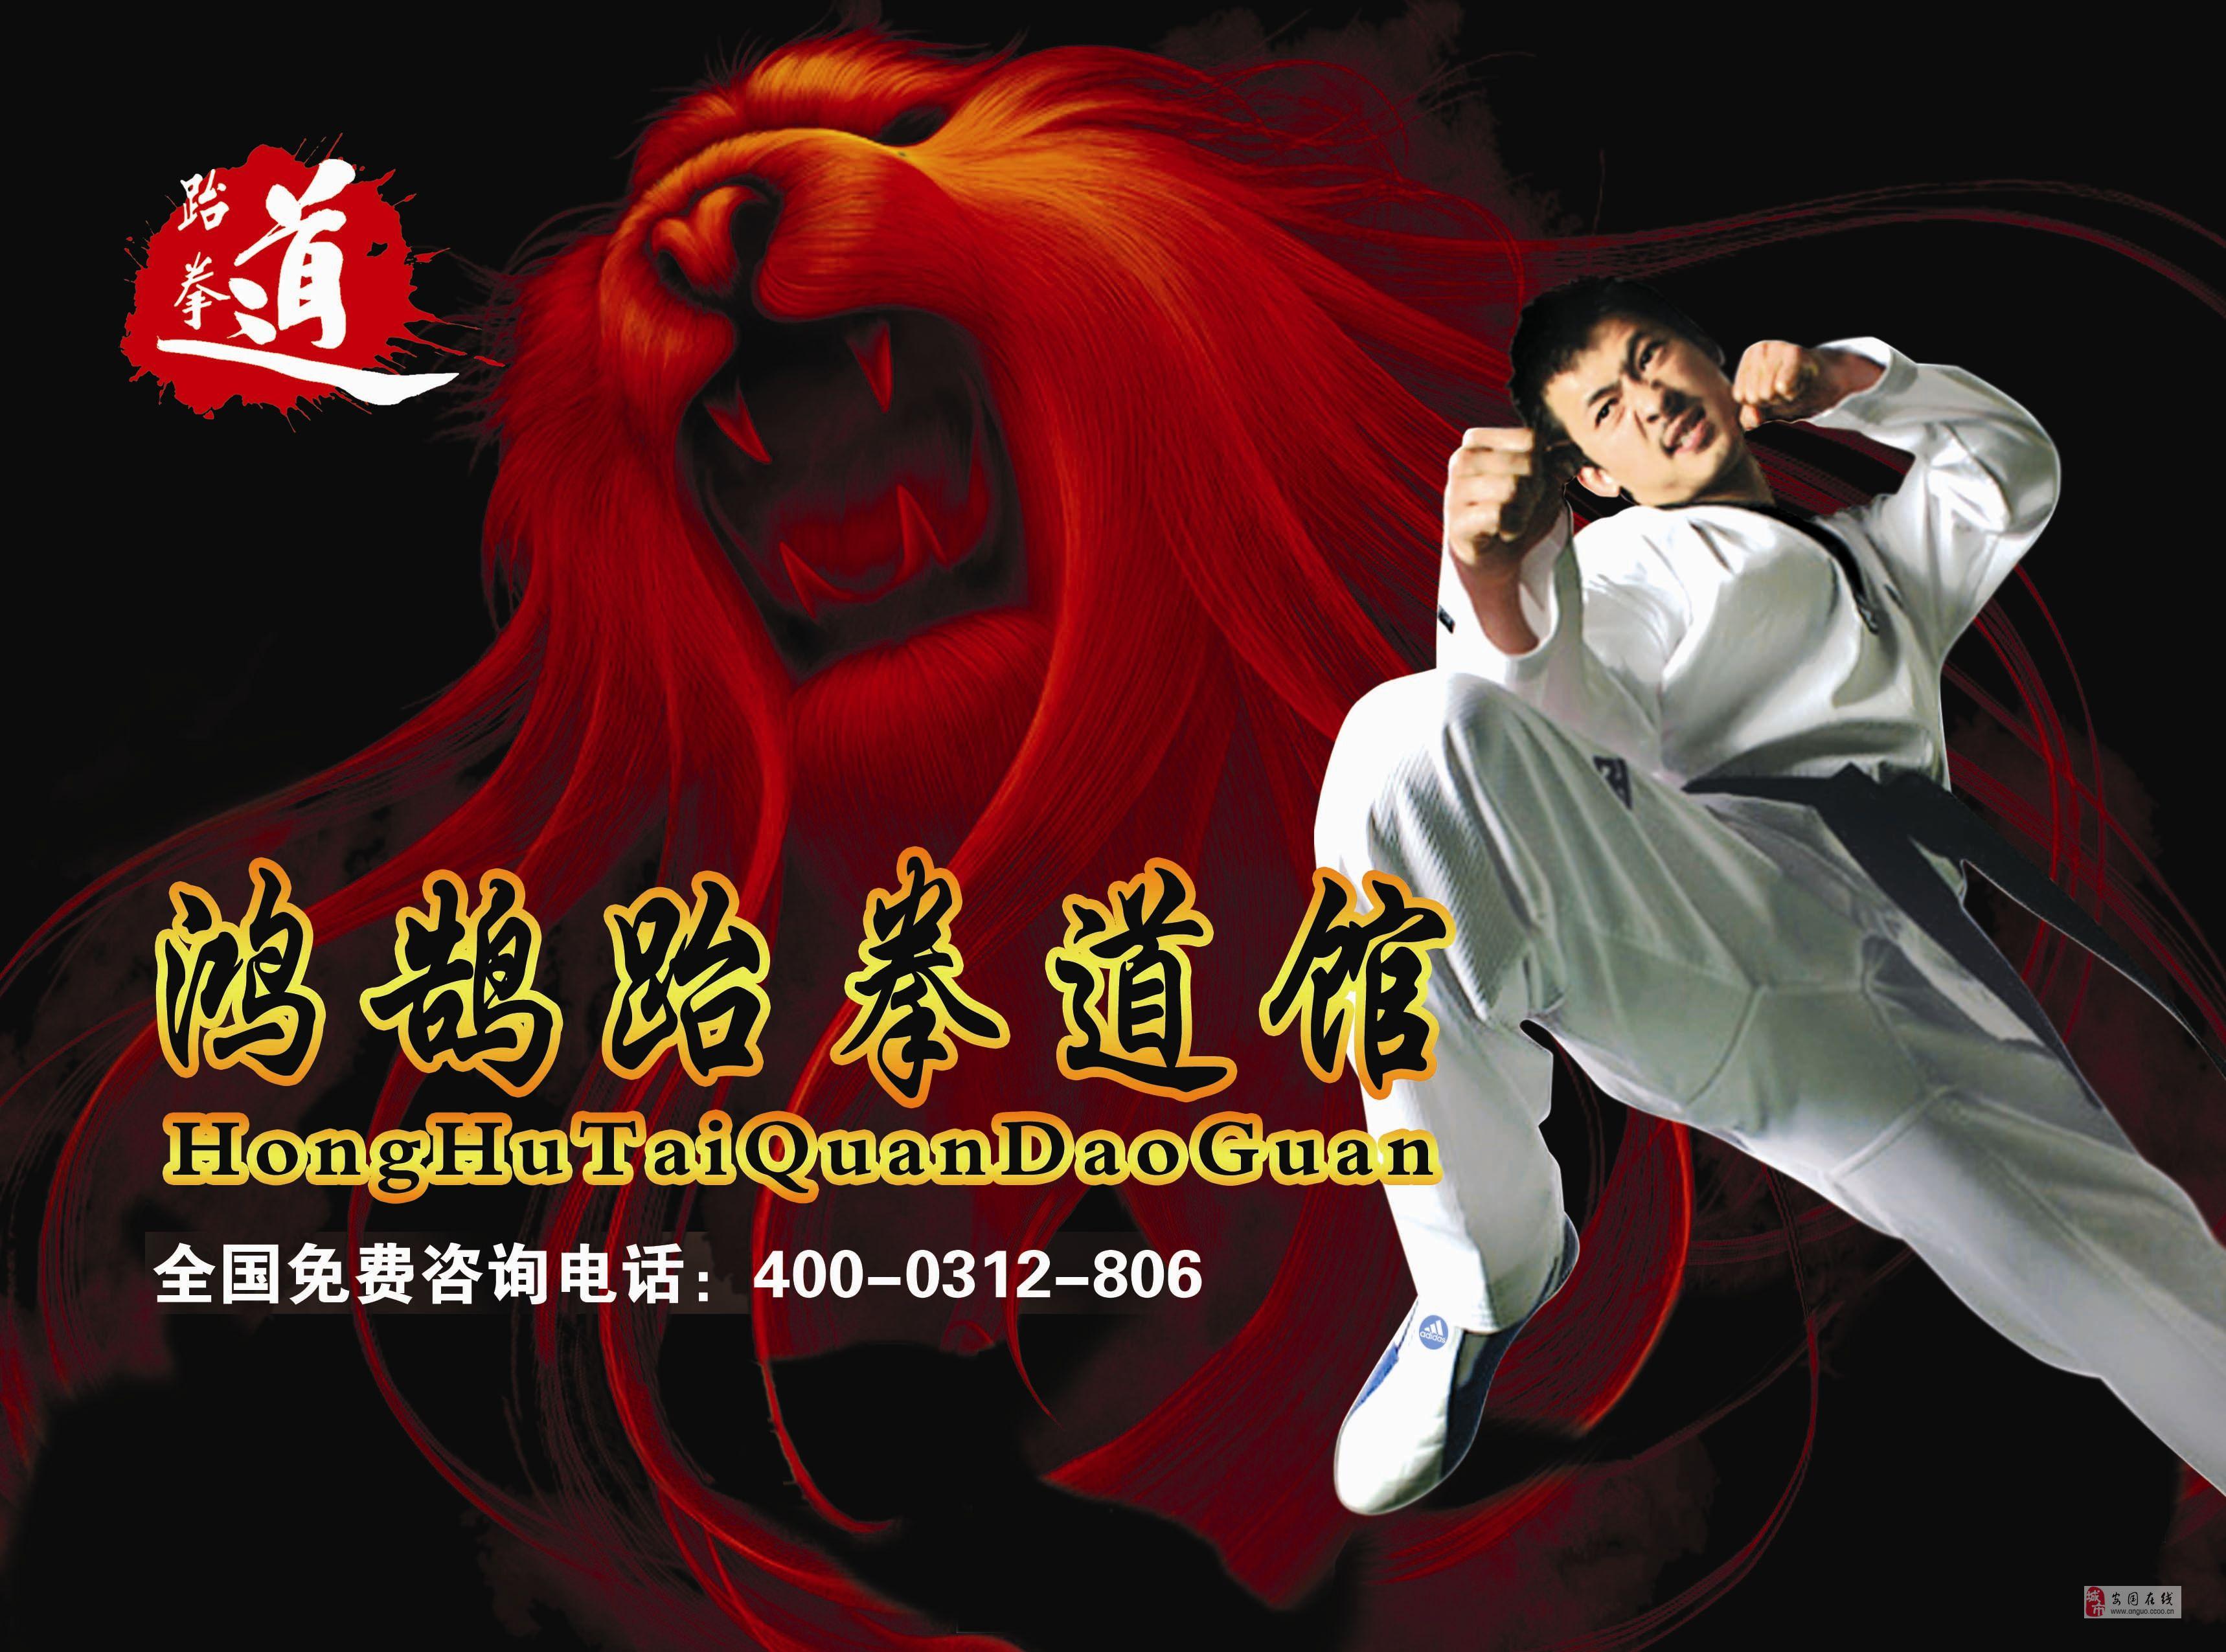 鴻鵠跆拳道館暑假班開始班開始招生啦!!!